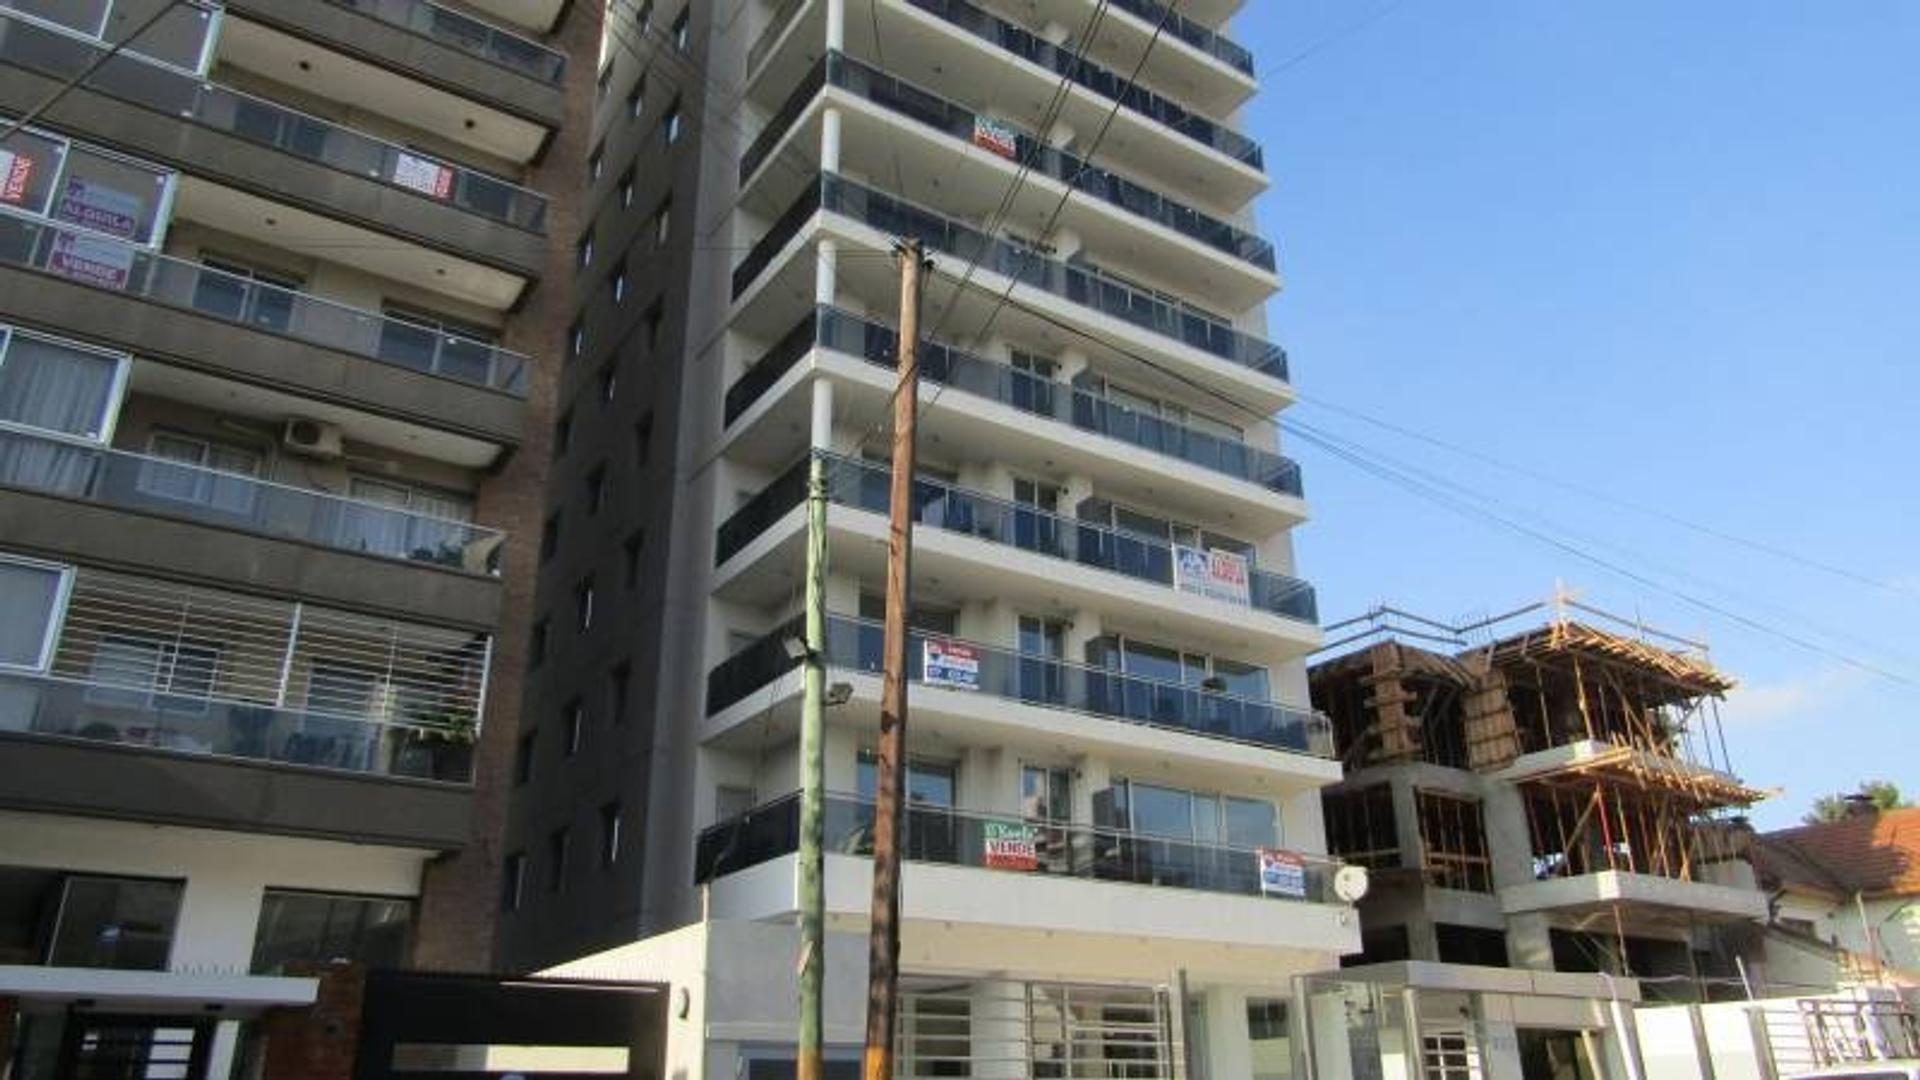 Excelente cuatro ambientes en Edificio de Categoría en el centro de Quilmes!!